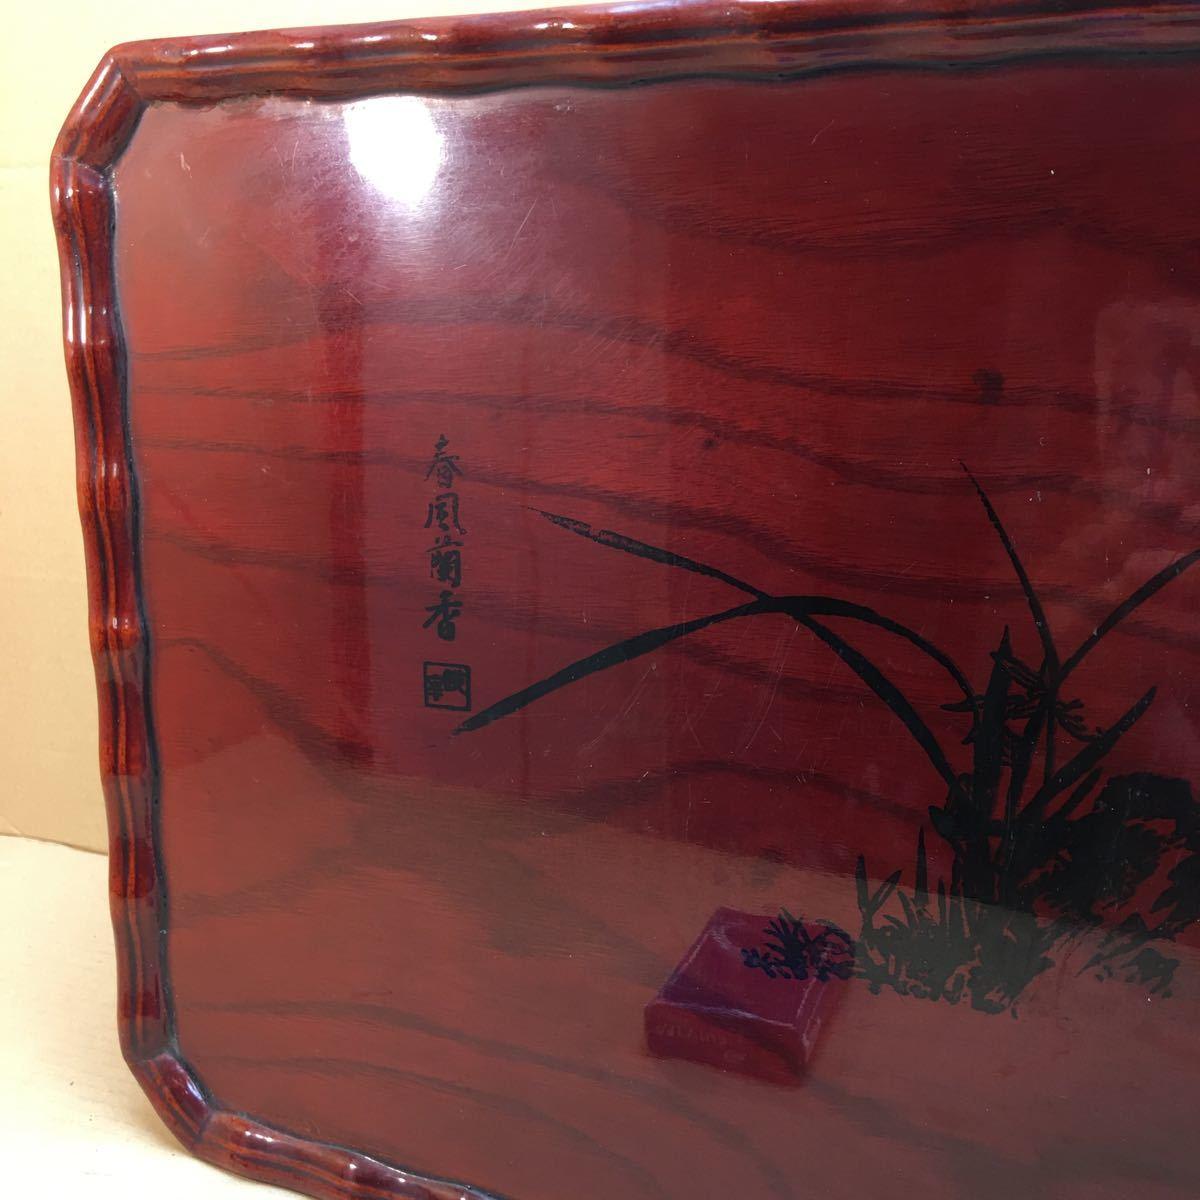 中国美術 漆塗蘭花装飾花台 長方花台 飾り台 盆栽台 香炉台 華道具 茶道具 45×33×16cm_画像3